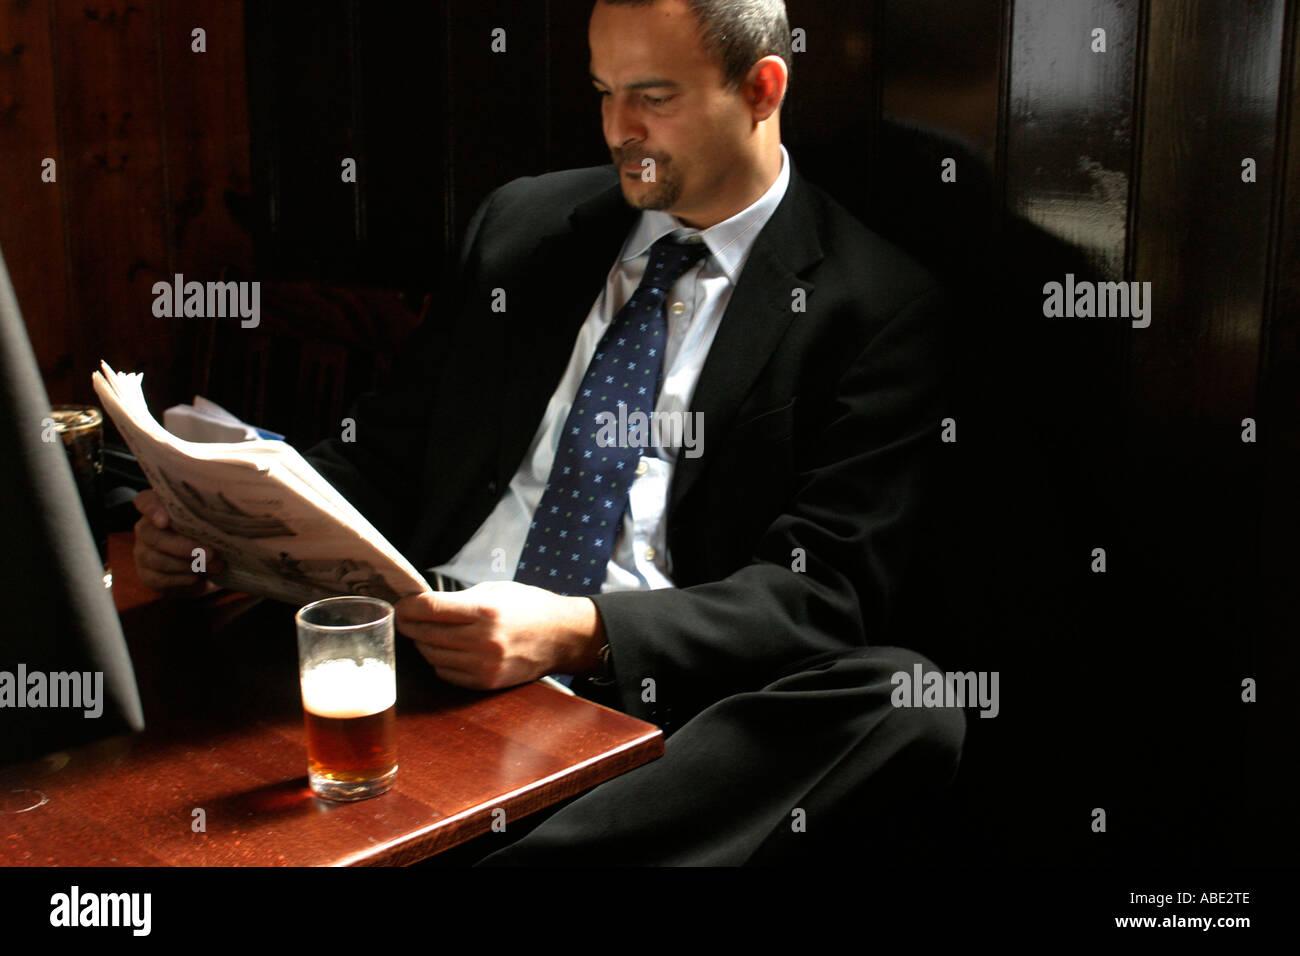 Drinker in the Old Watling Public House London UK - Stock Image